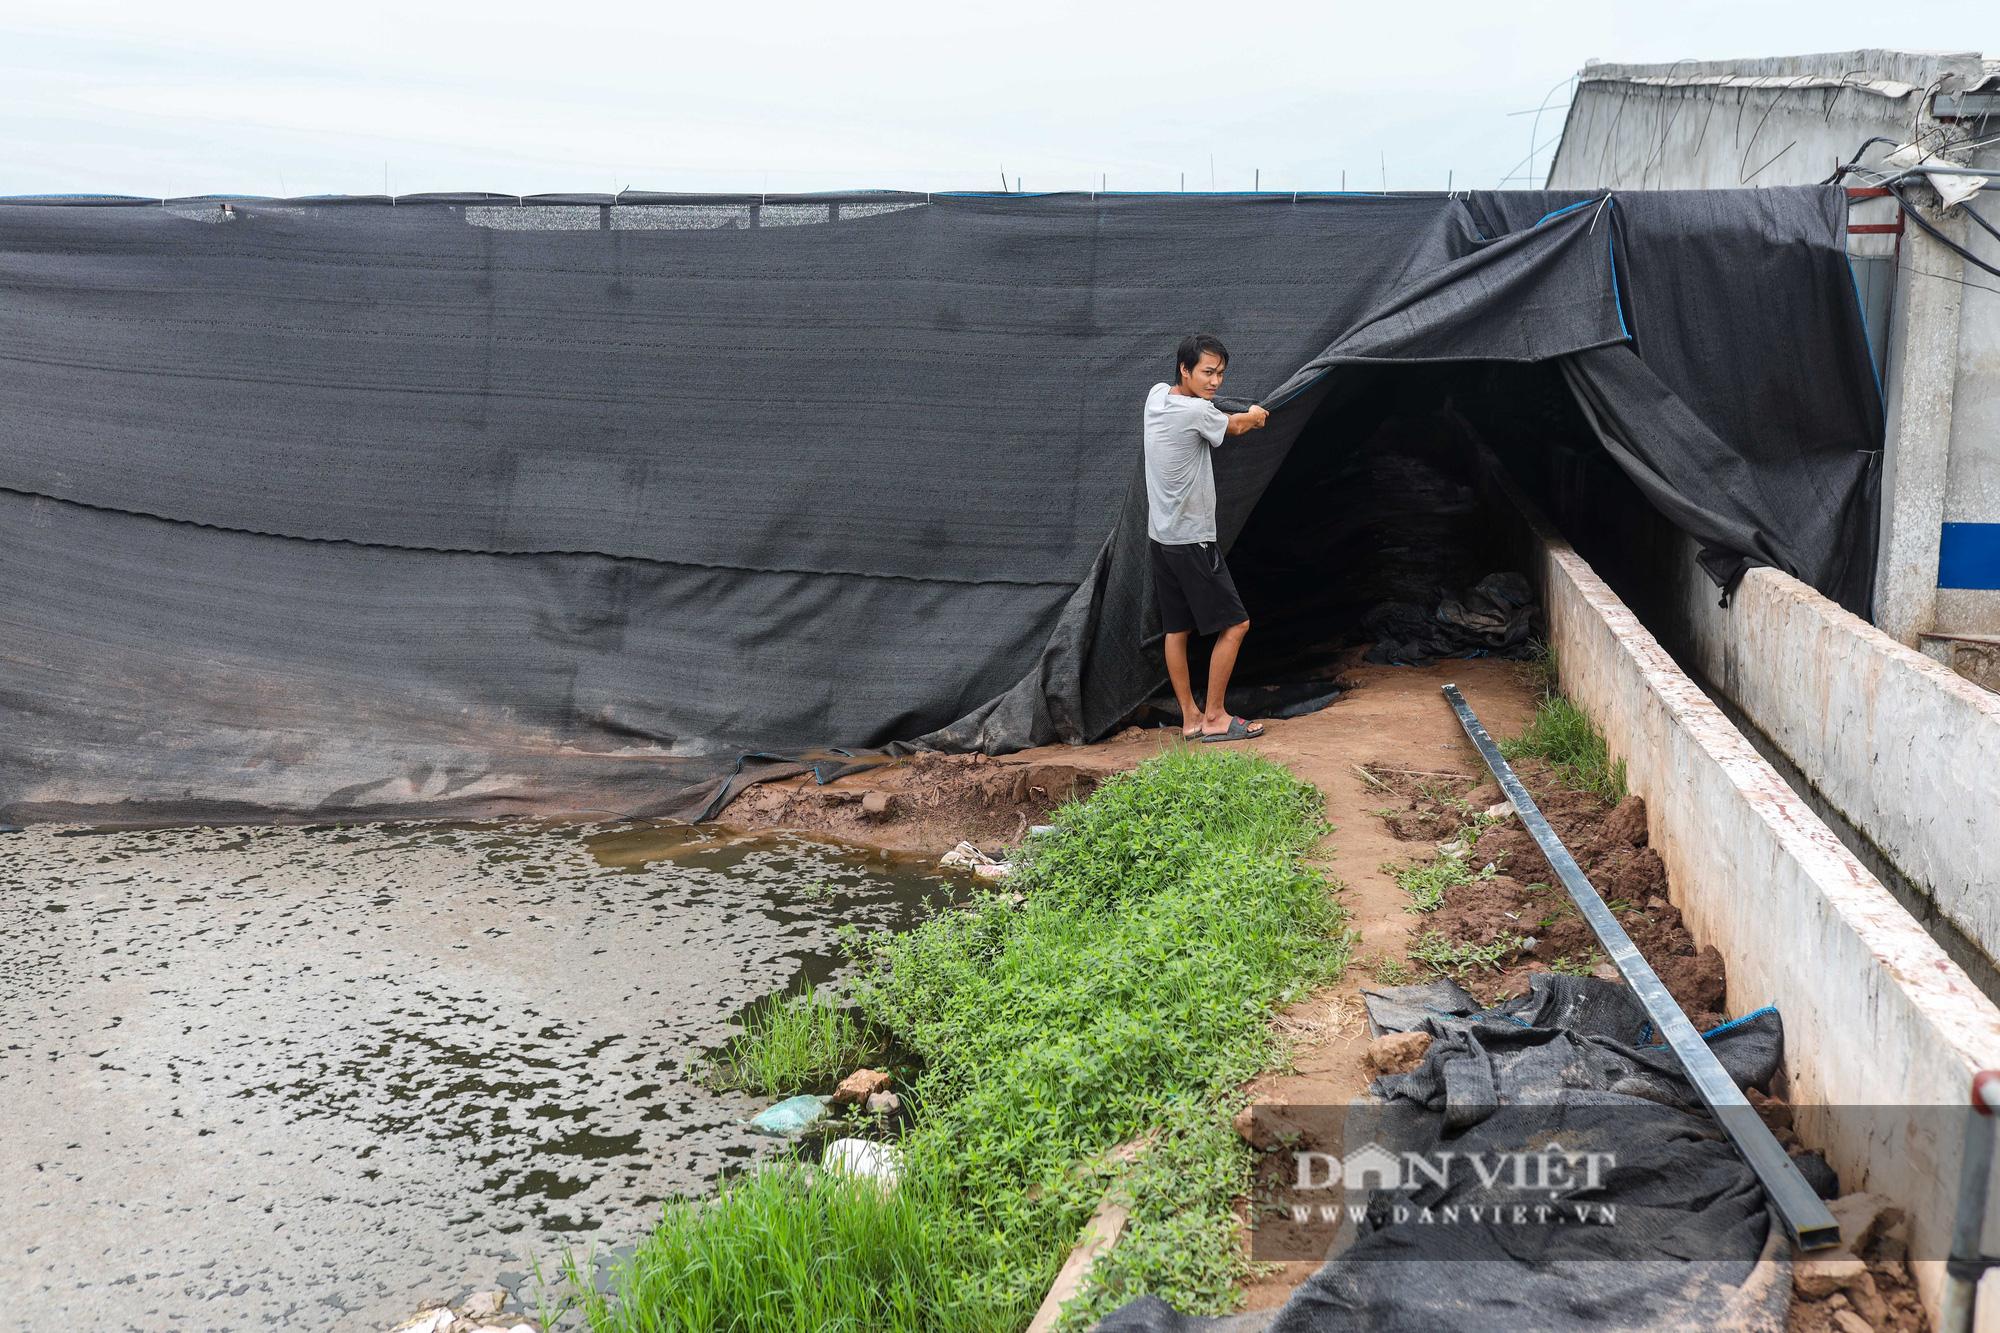 Nam Định: Dân khốn đốn vì trang trại lợn 1.500 con xả thải ra sông - Ảnh 6.